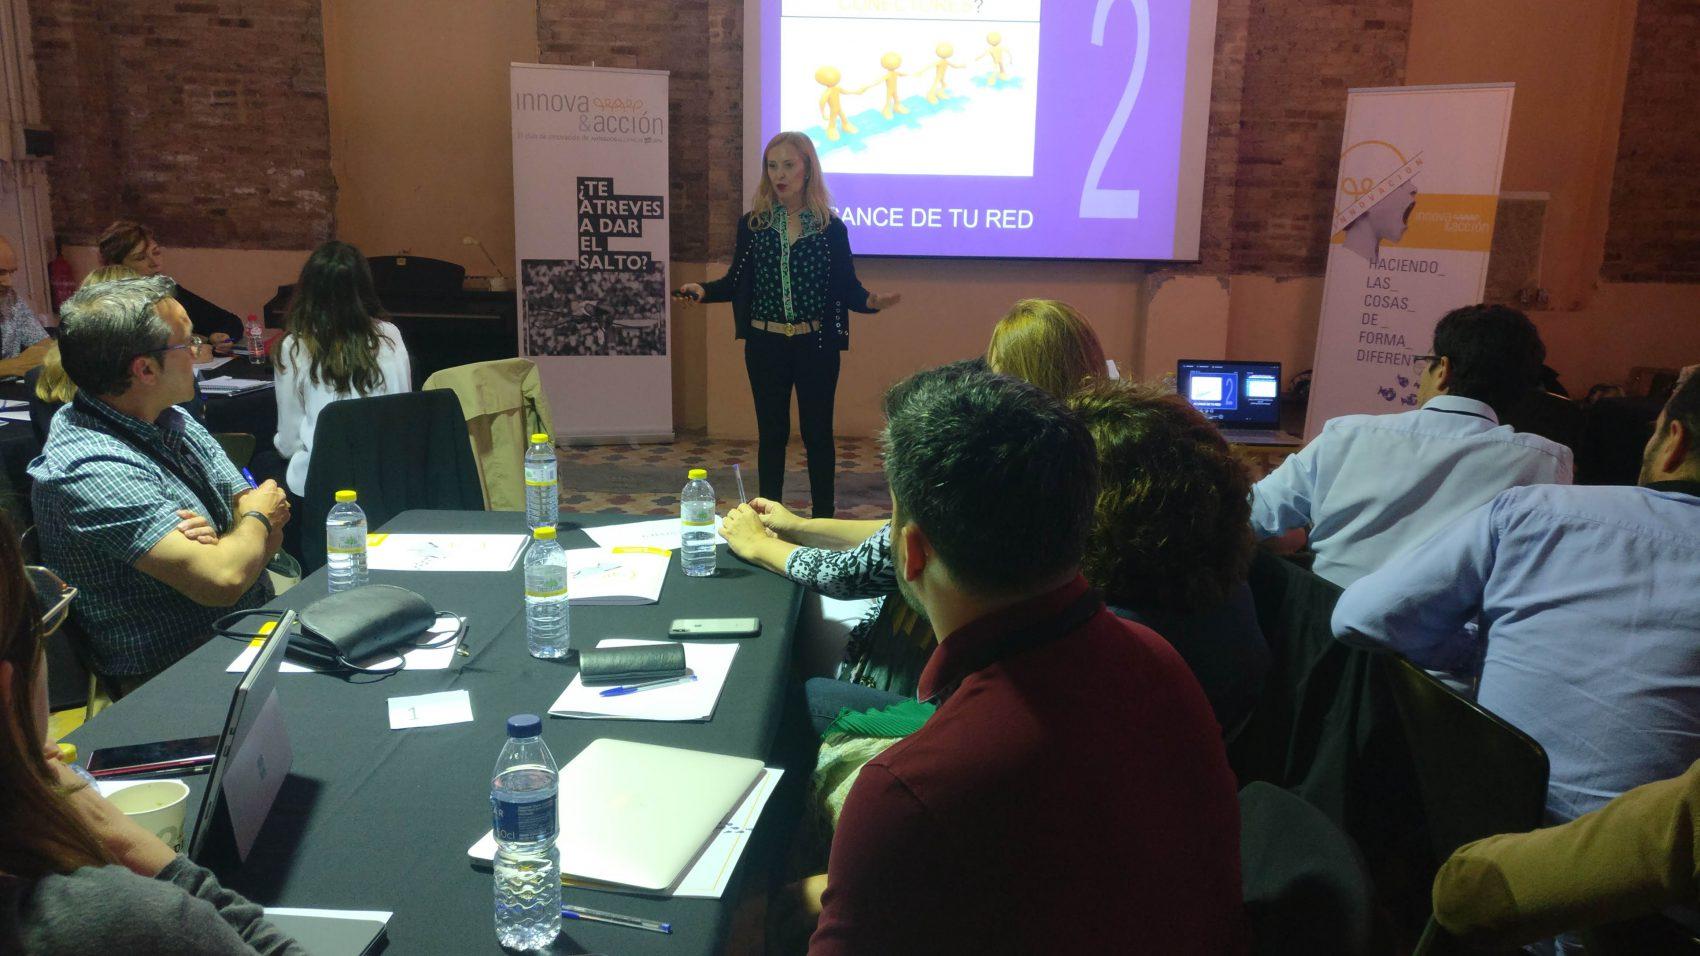 Innova&acción: networking para innovar